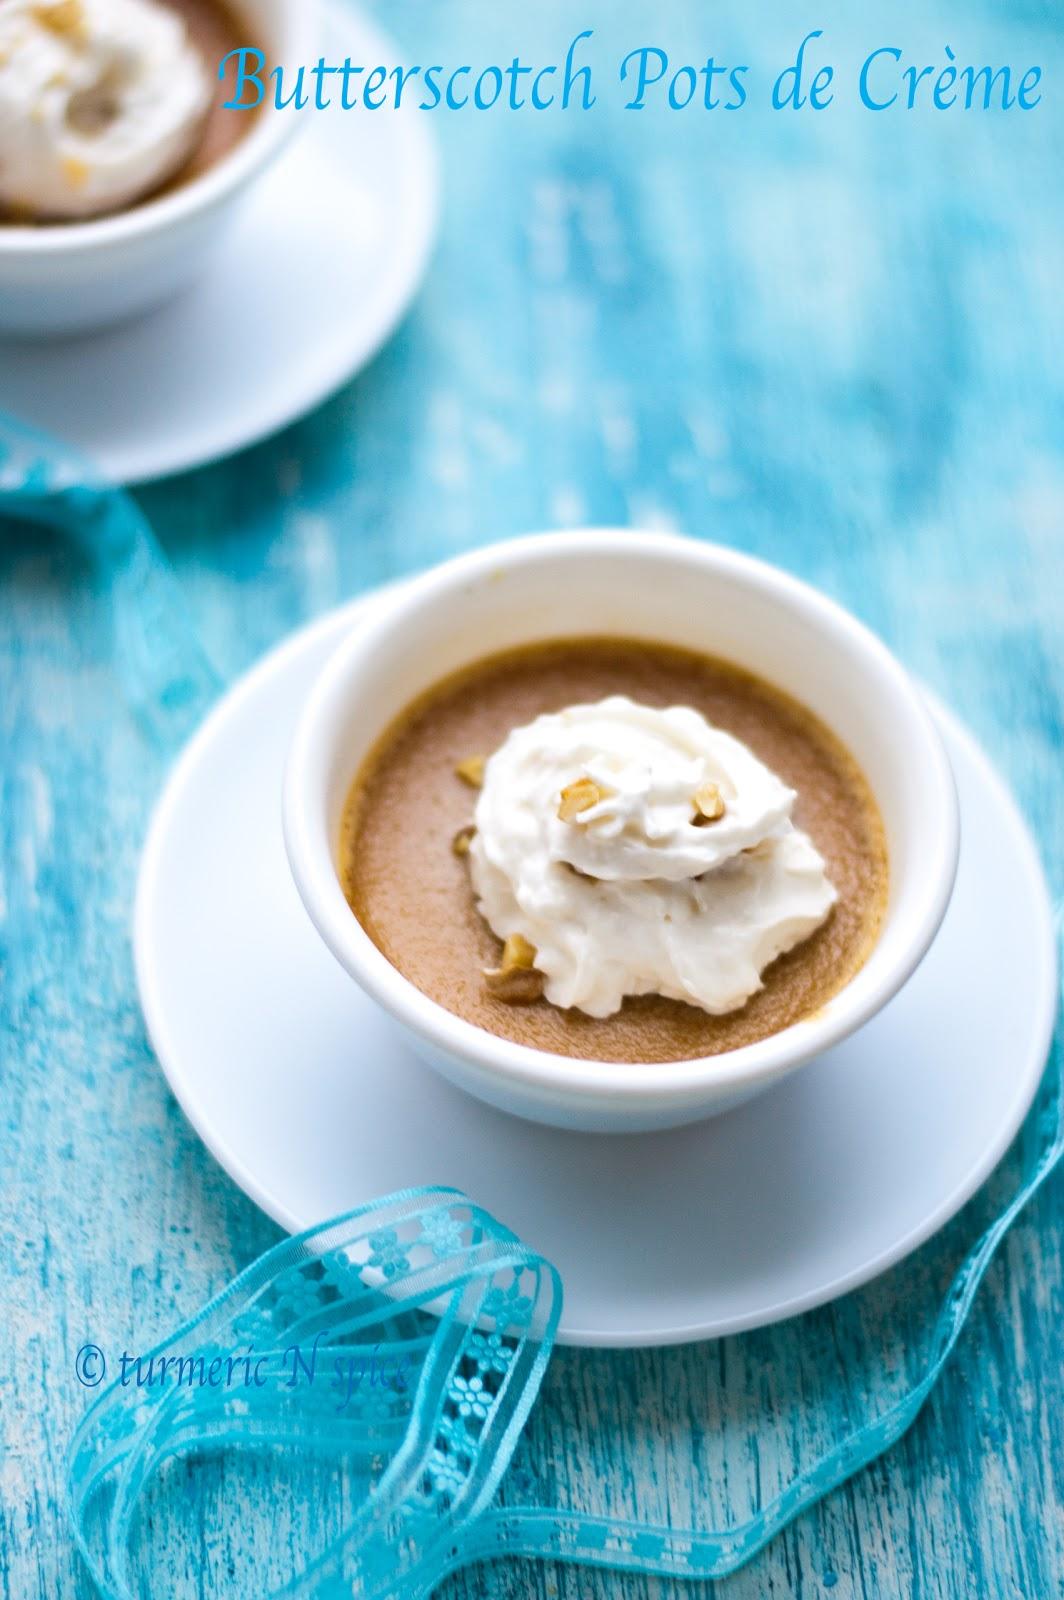 Turmeric n spice: Butterscotch Pots de Crème - Recipe Review